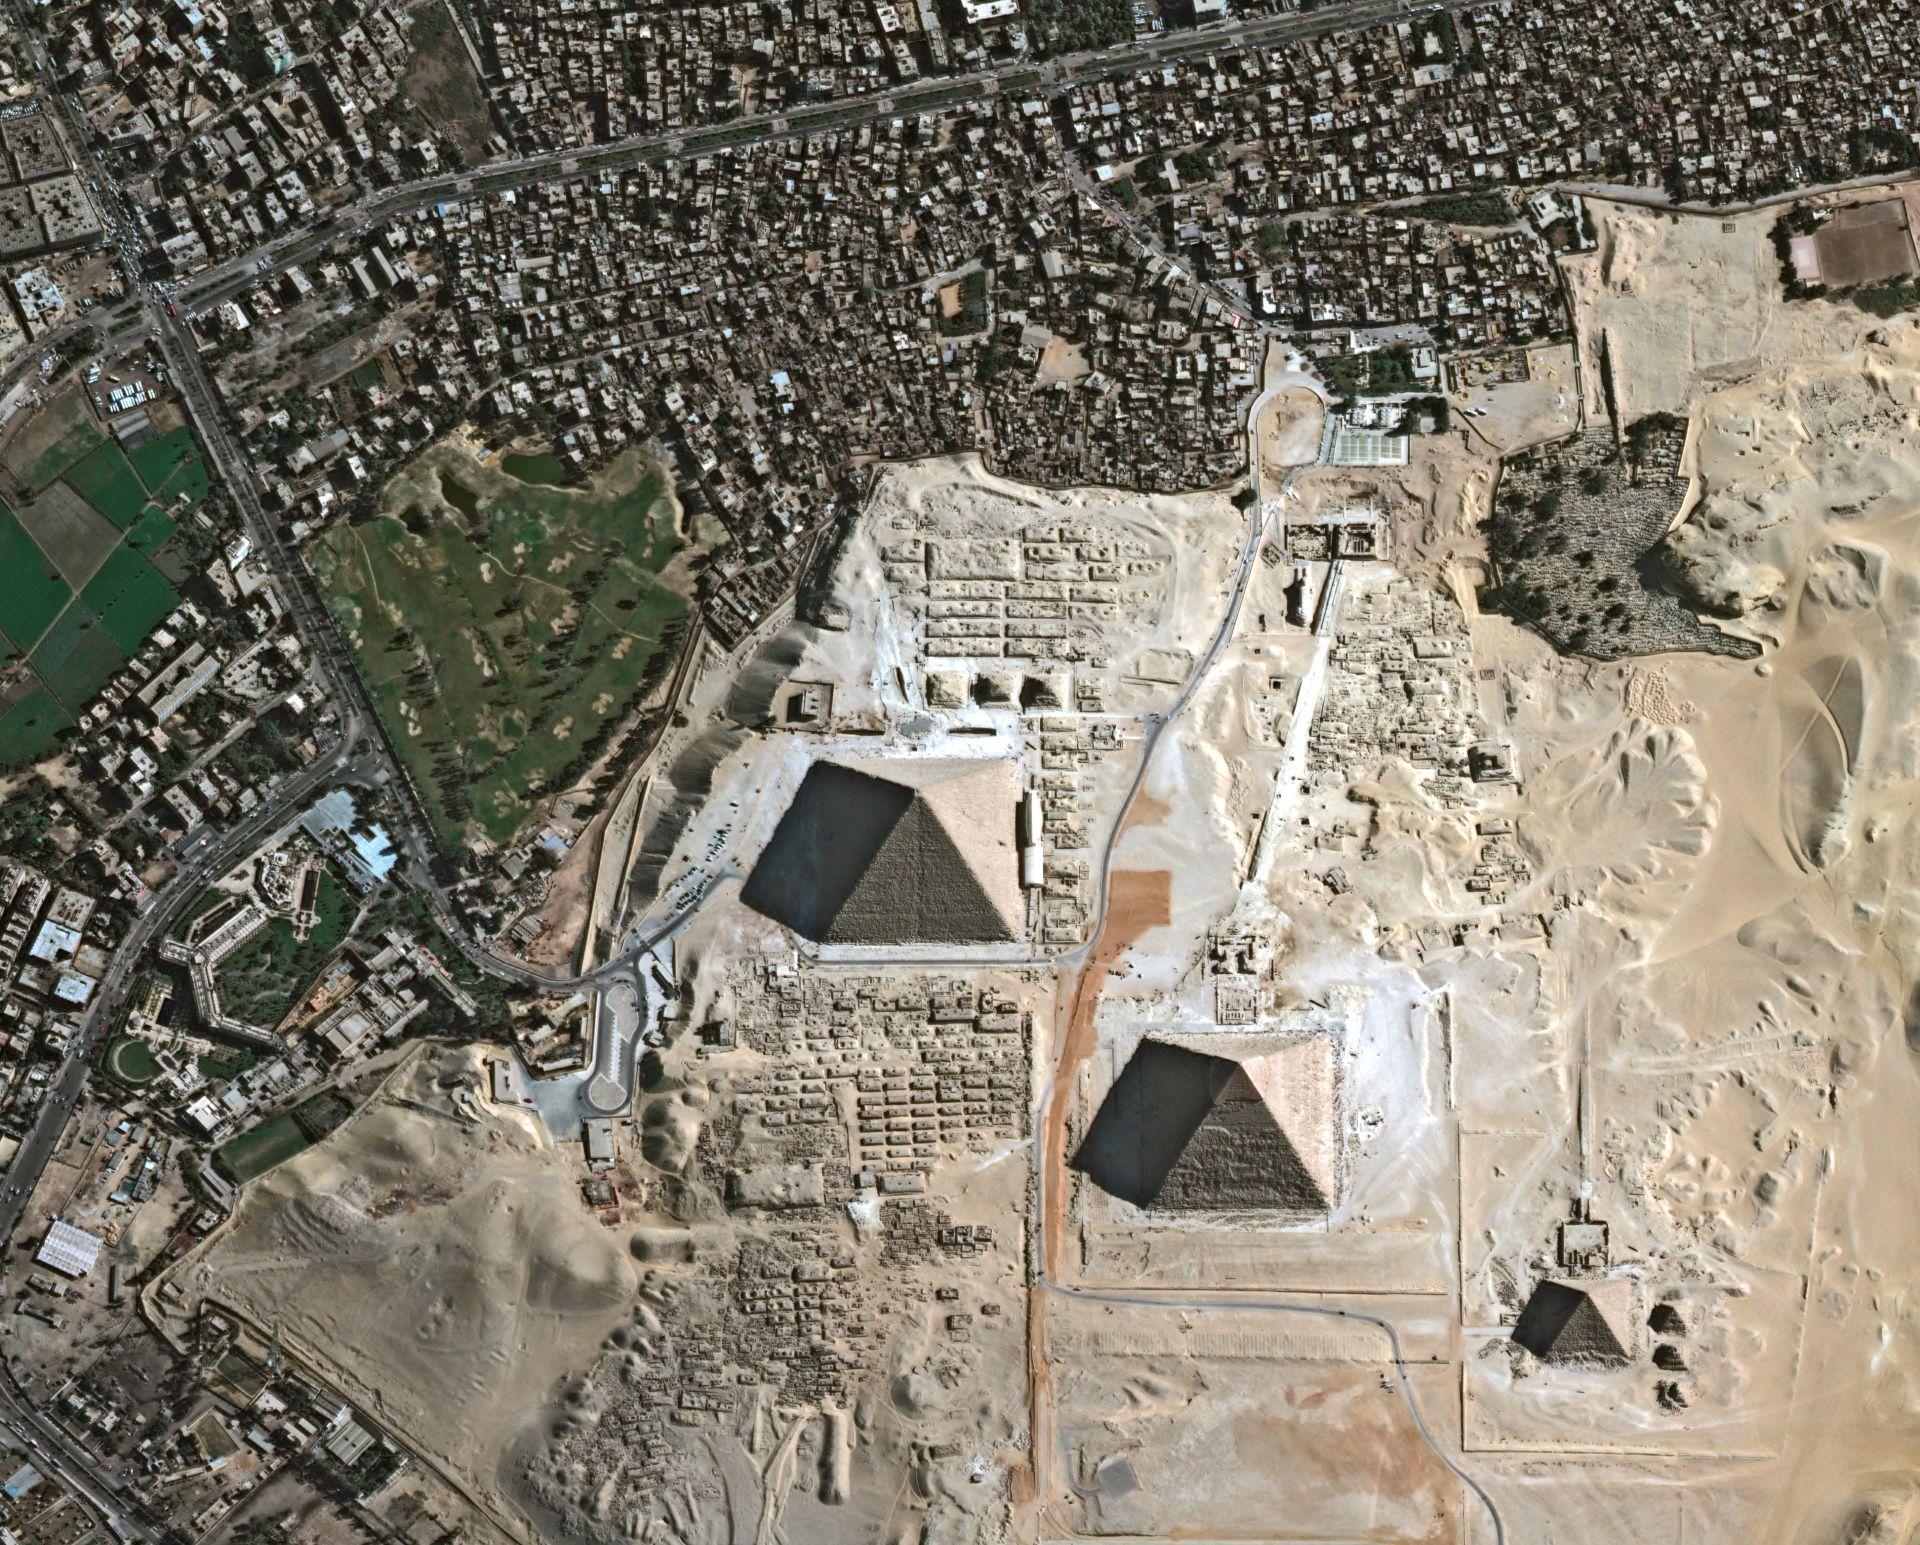 Egypte - Le Caire - Pyramides - Pléiades - Pleiades - satellite - Géographie de James Bond